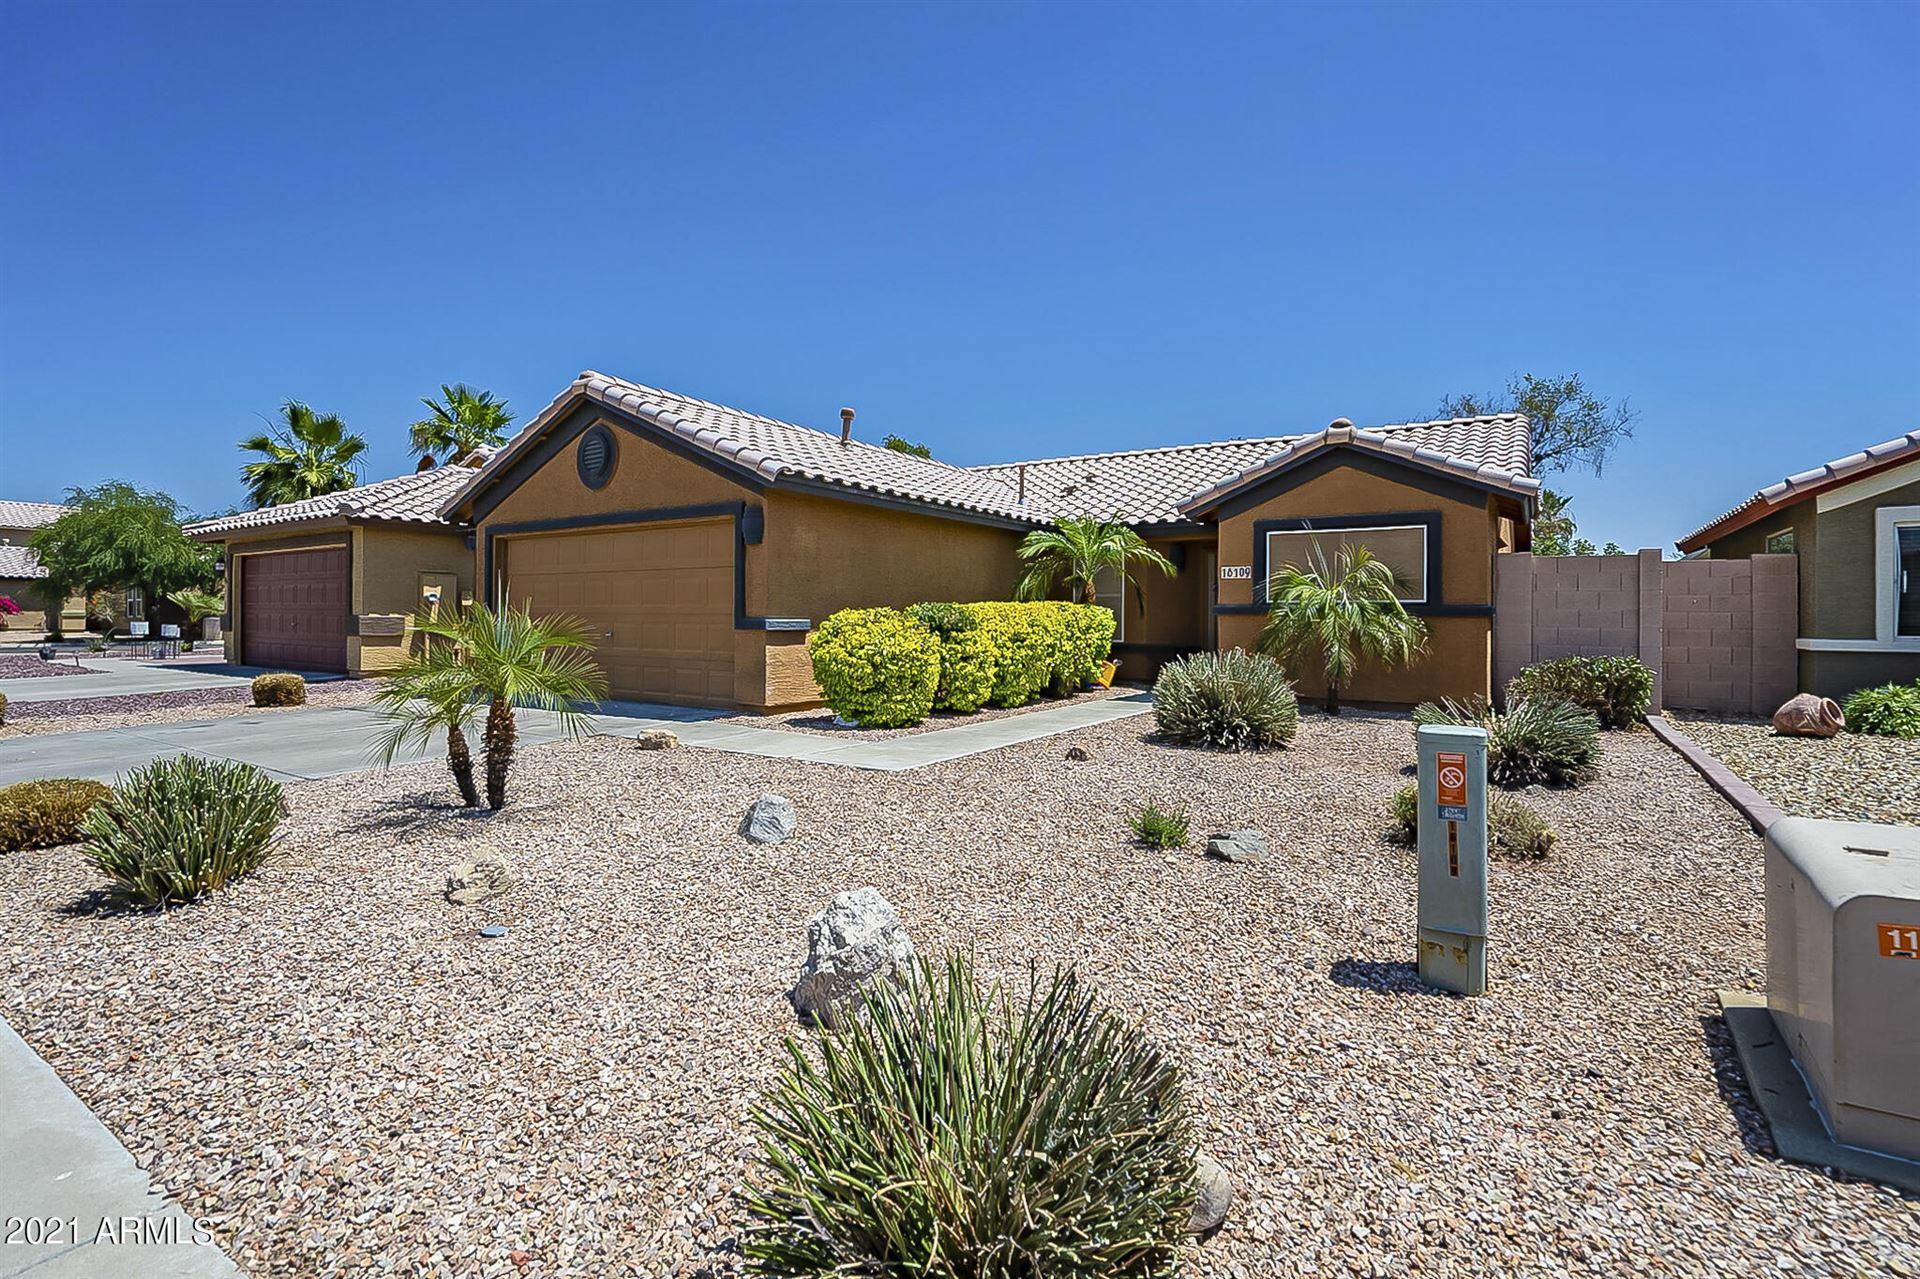 Photo of 16109 W JEFFERSON Street, Goodyear, AZ 85338 (MLS # 6247171)